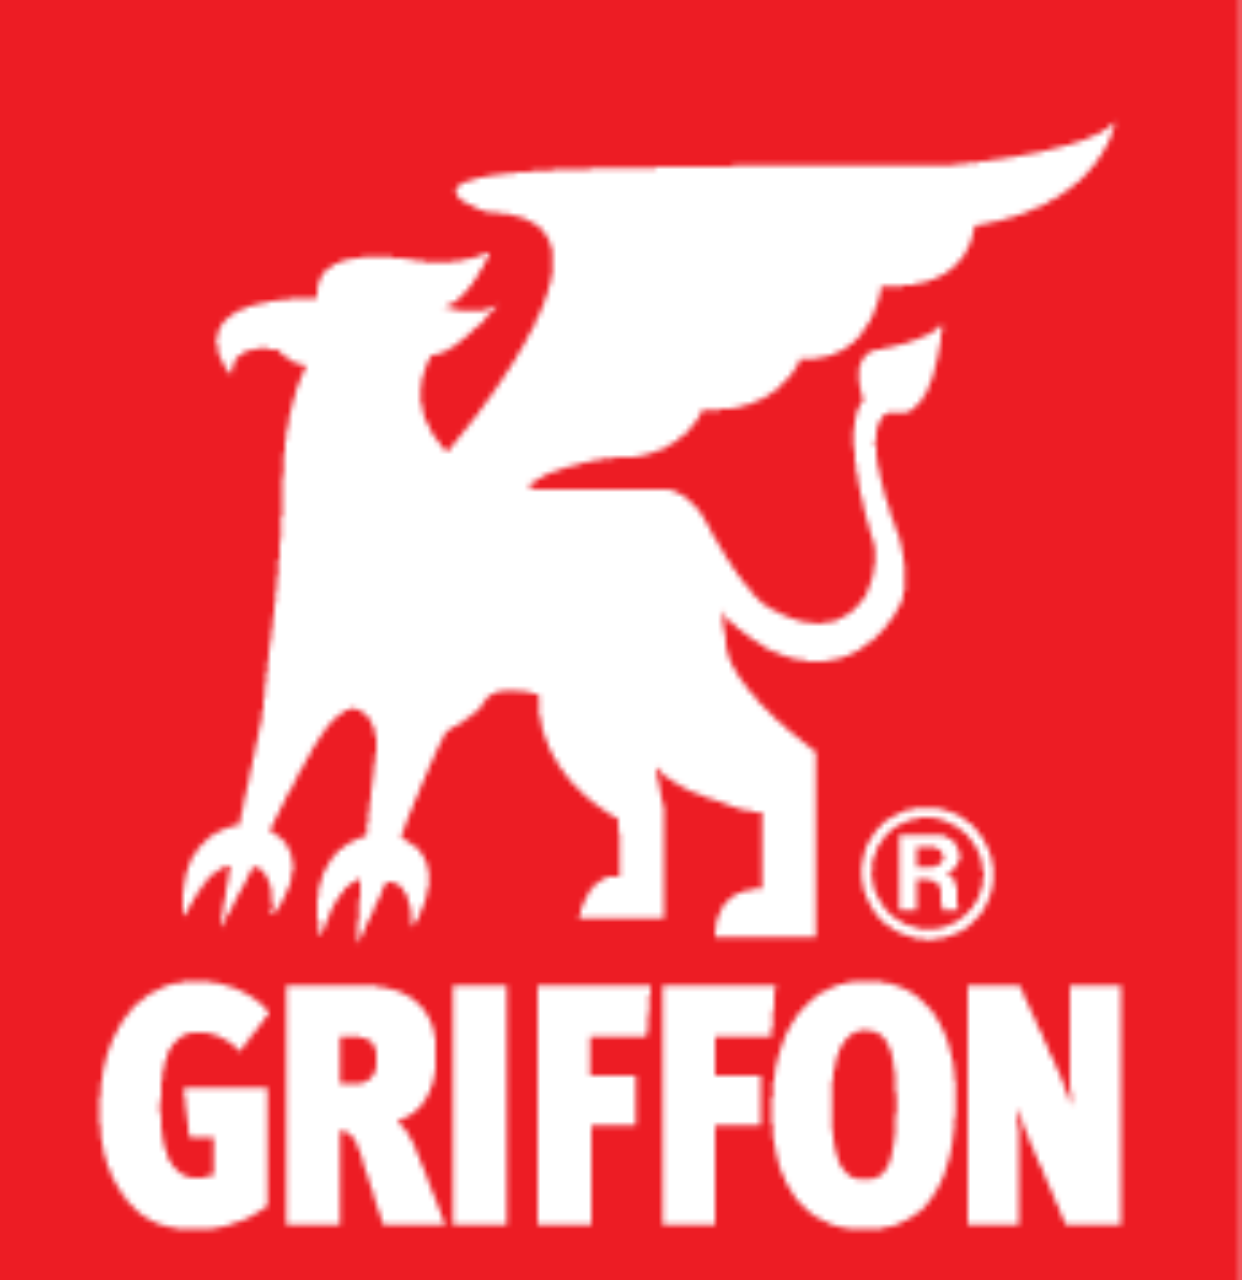 Bison Griffon